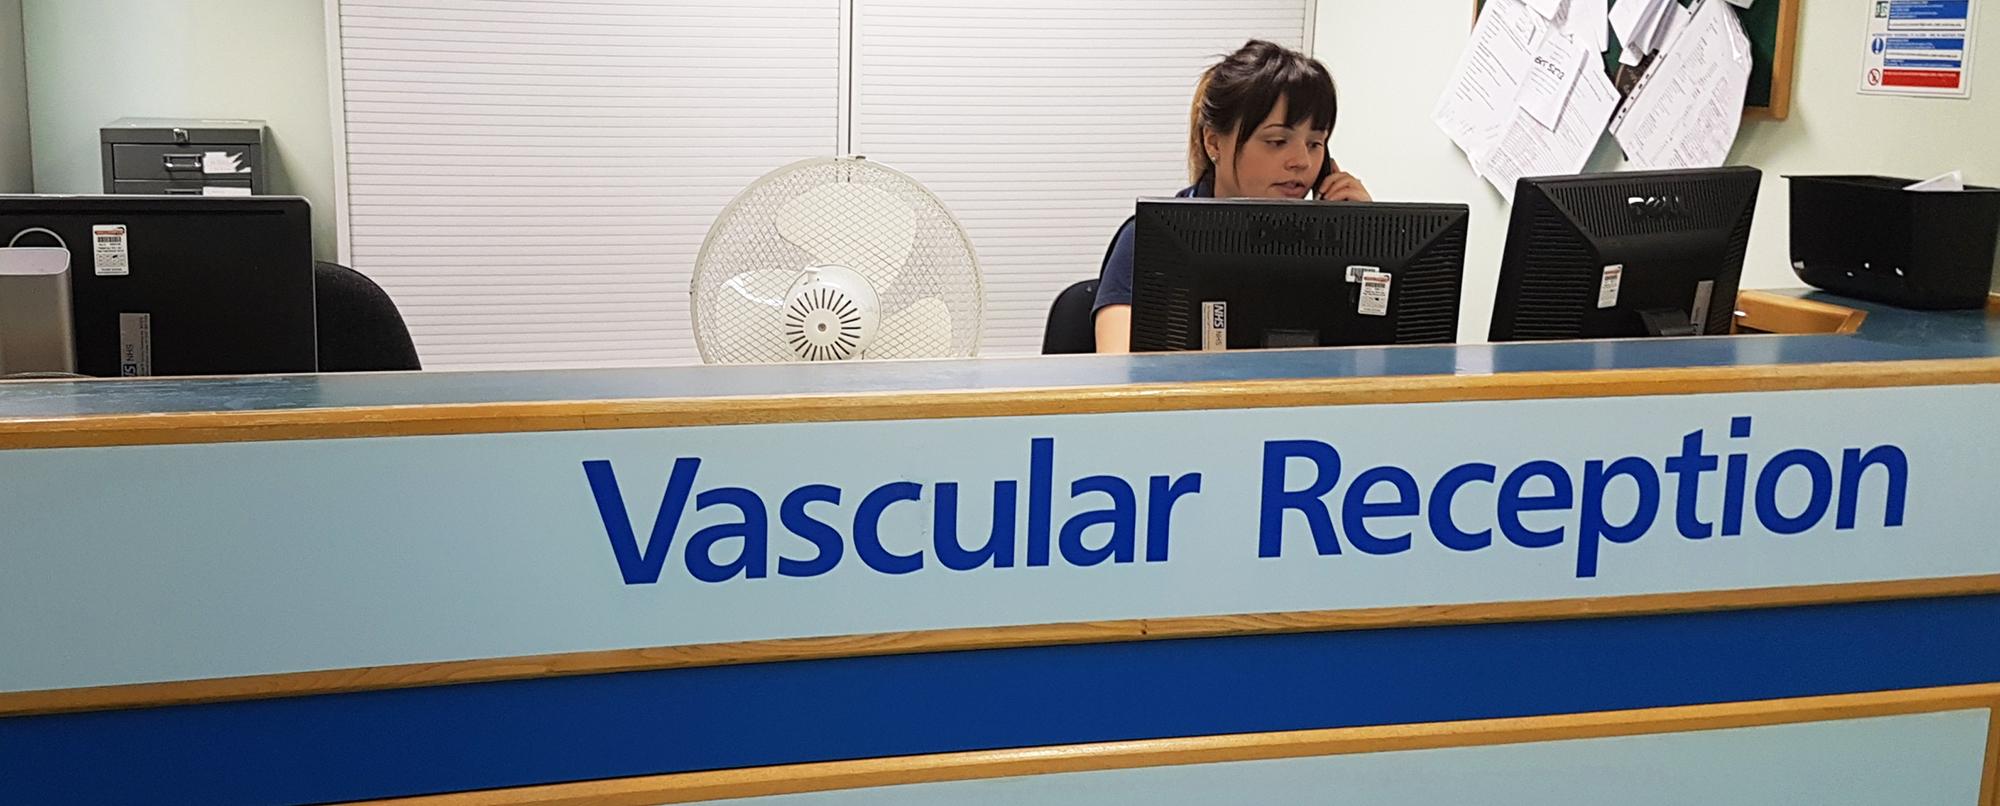 Vascular Reception